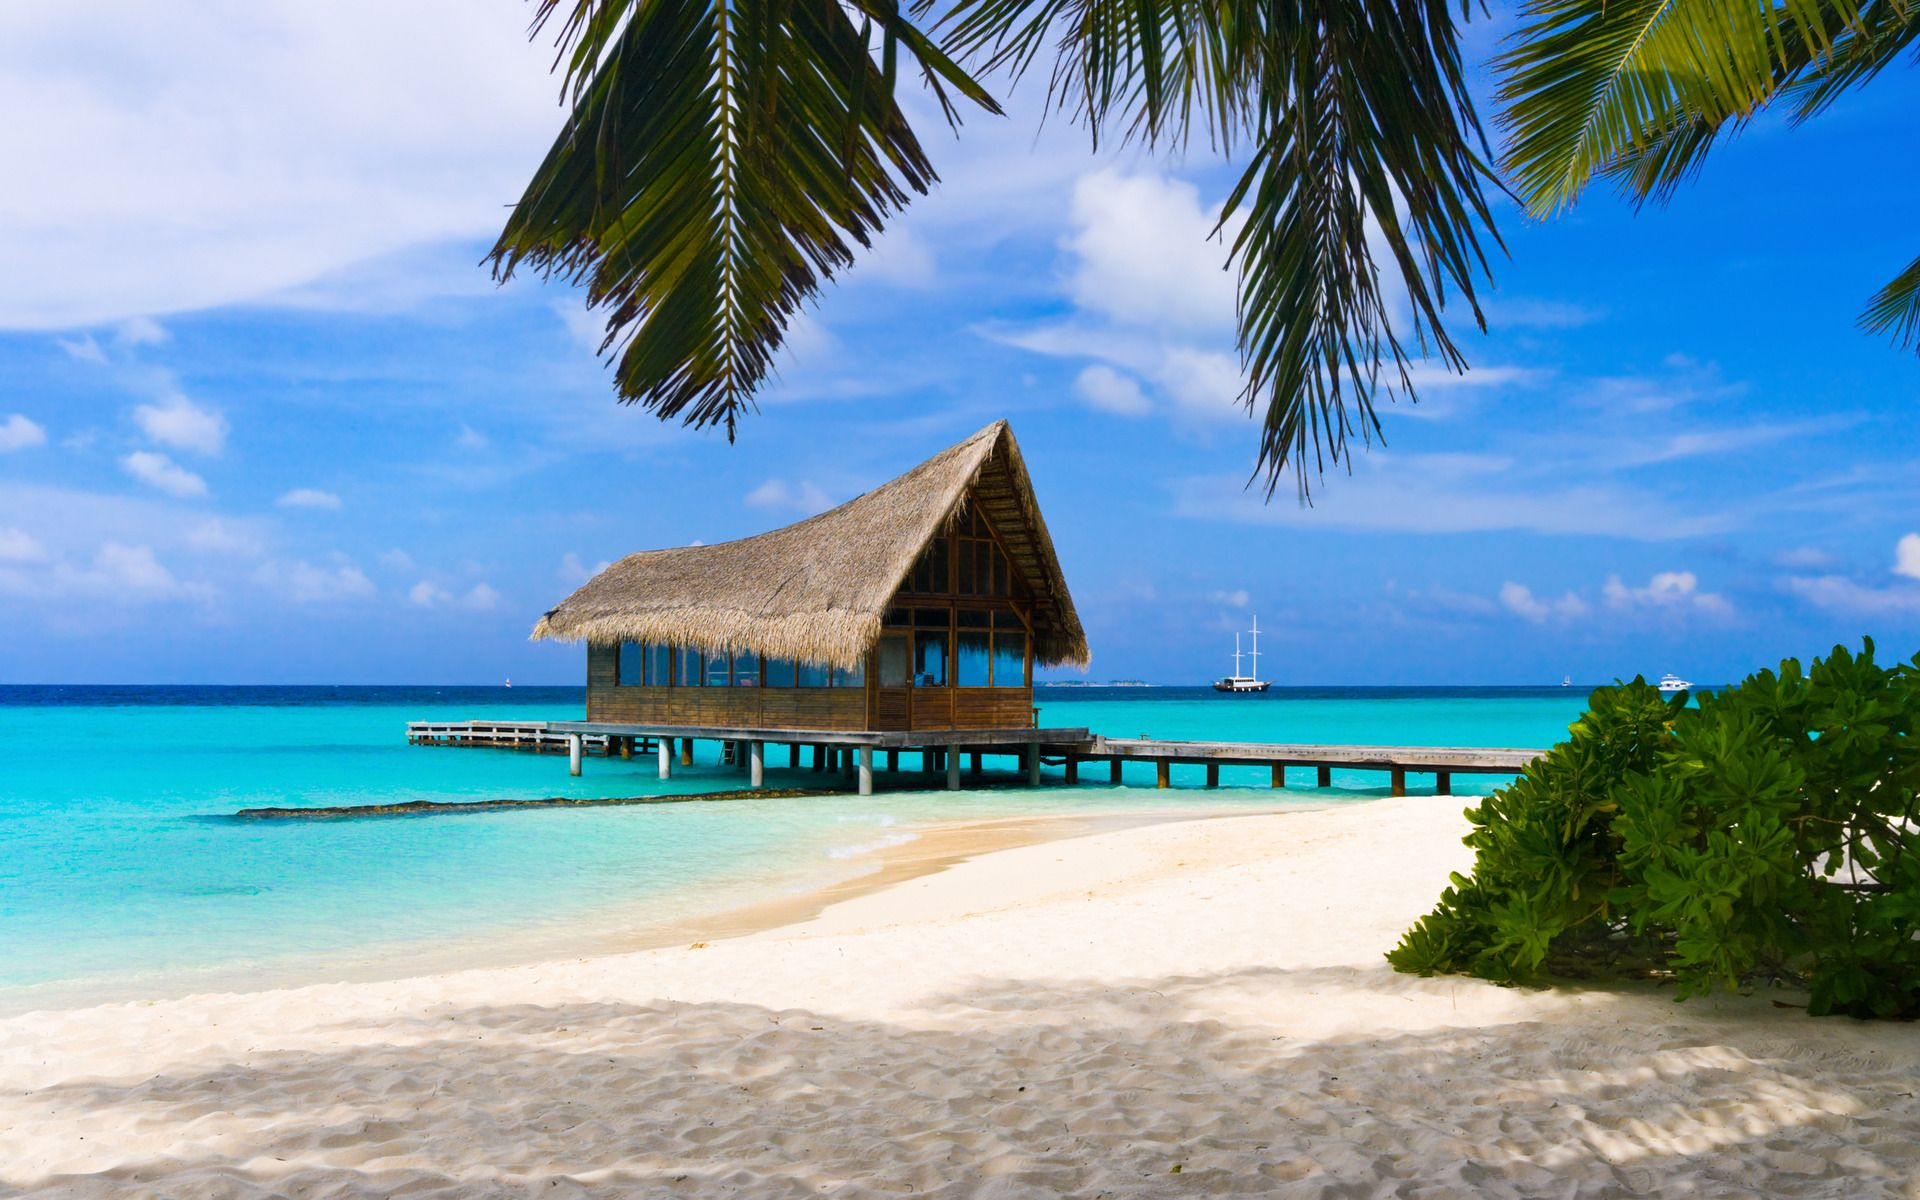 Beach Wallpaper Bahamas Islands Beach Sand Summer Holiday